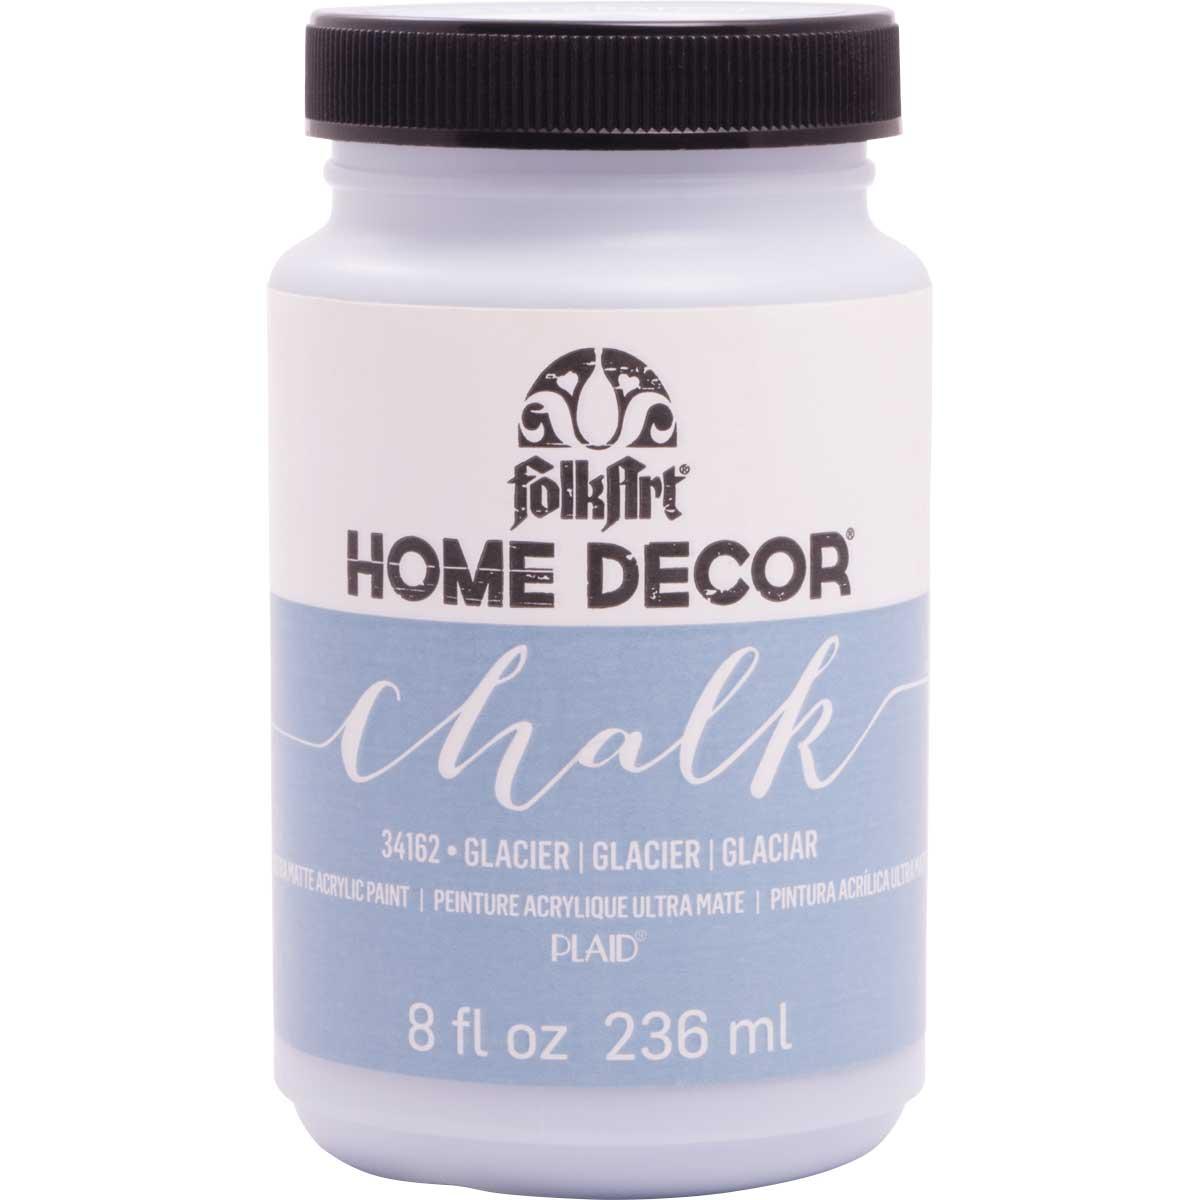 FolkArt ® Home Decor™ Chalk - Glacier, 8 oz. - 34162